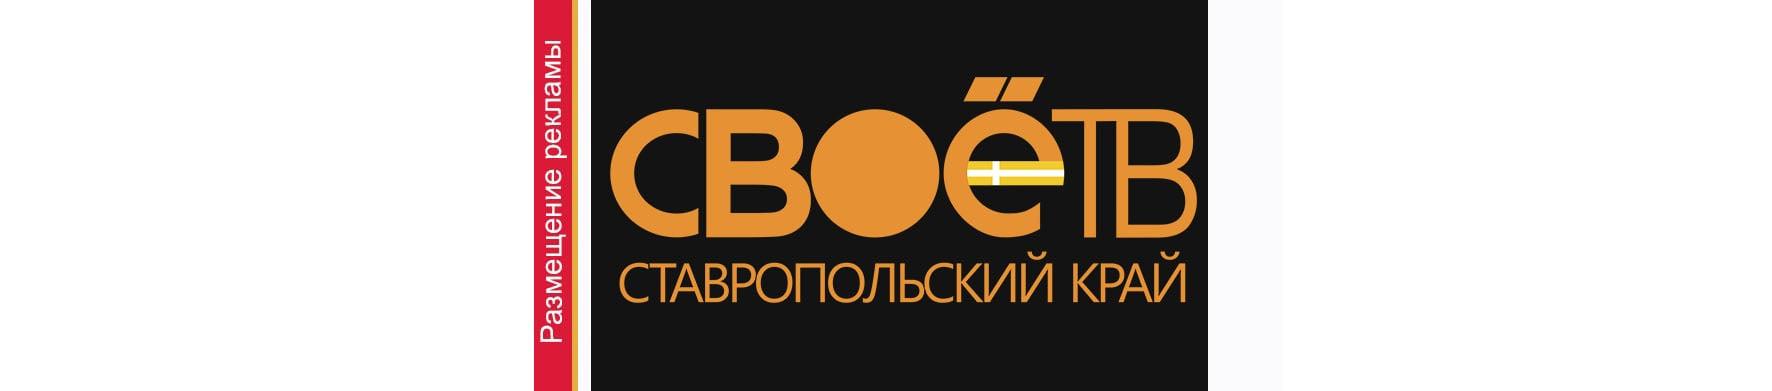 Реклама на телевидении в Ставропольском крае свое ТВ